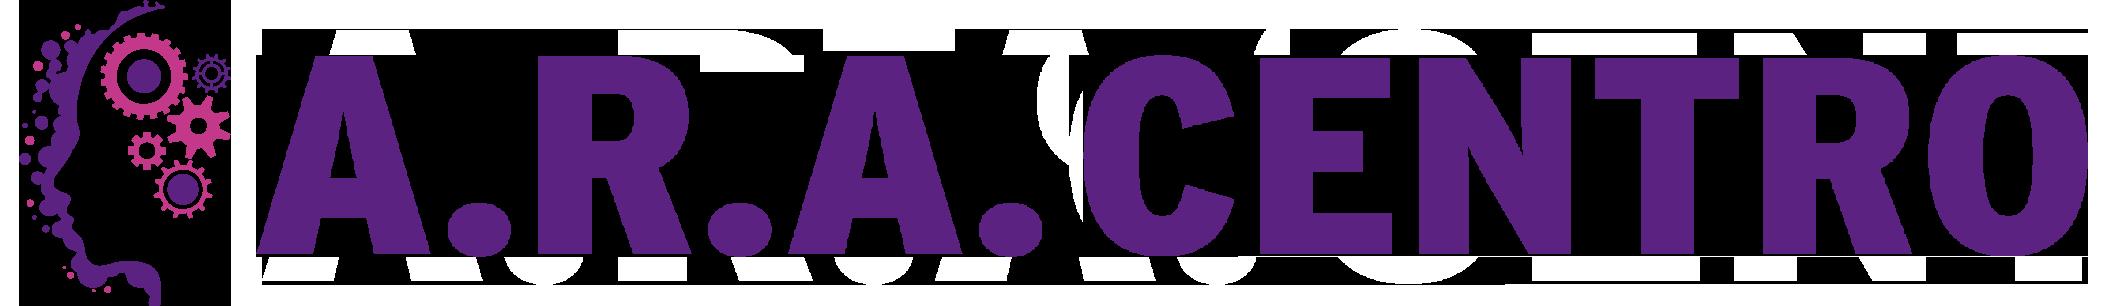 Aracentro